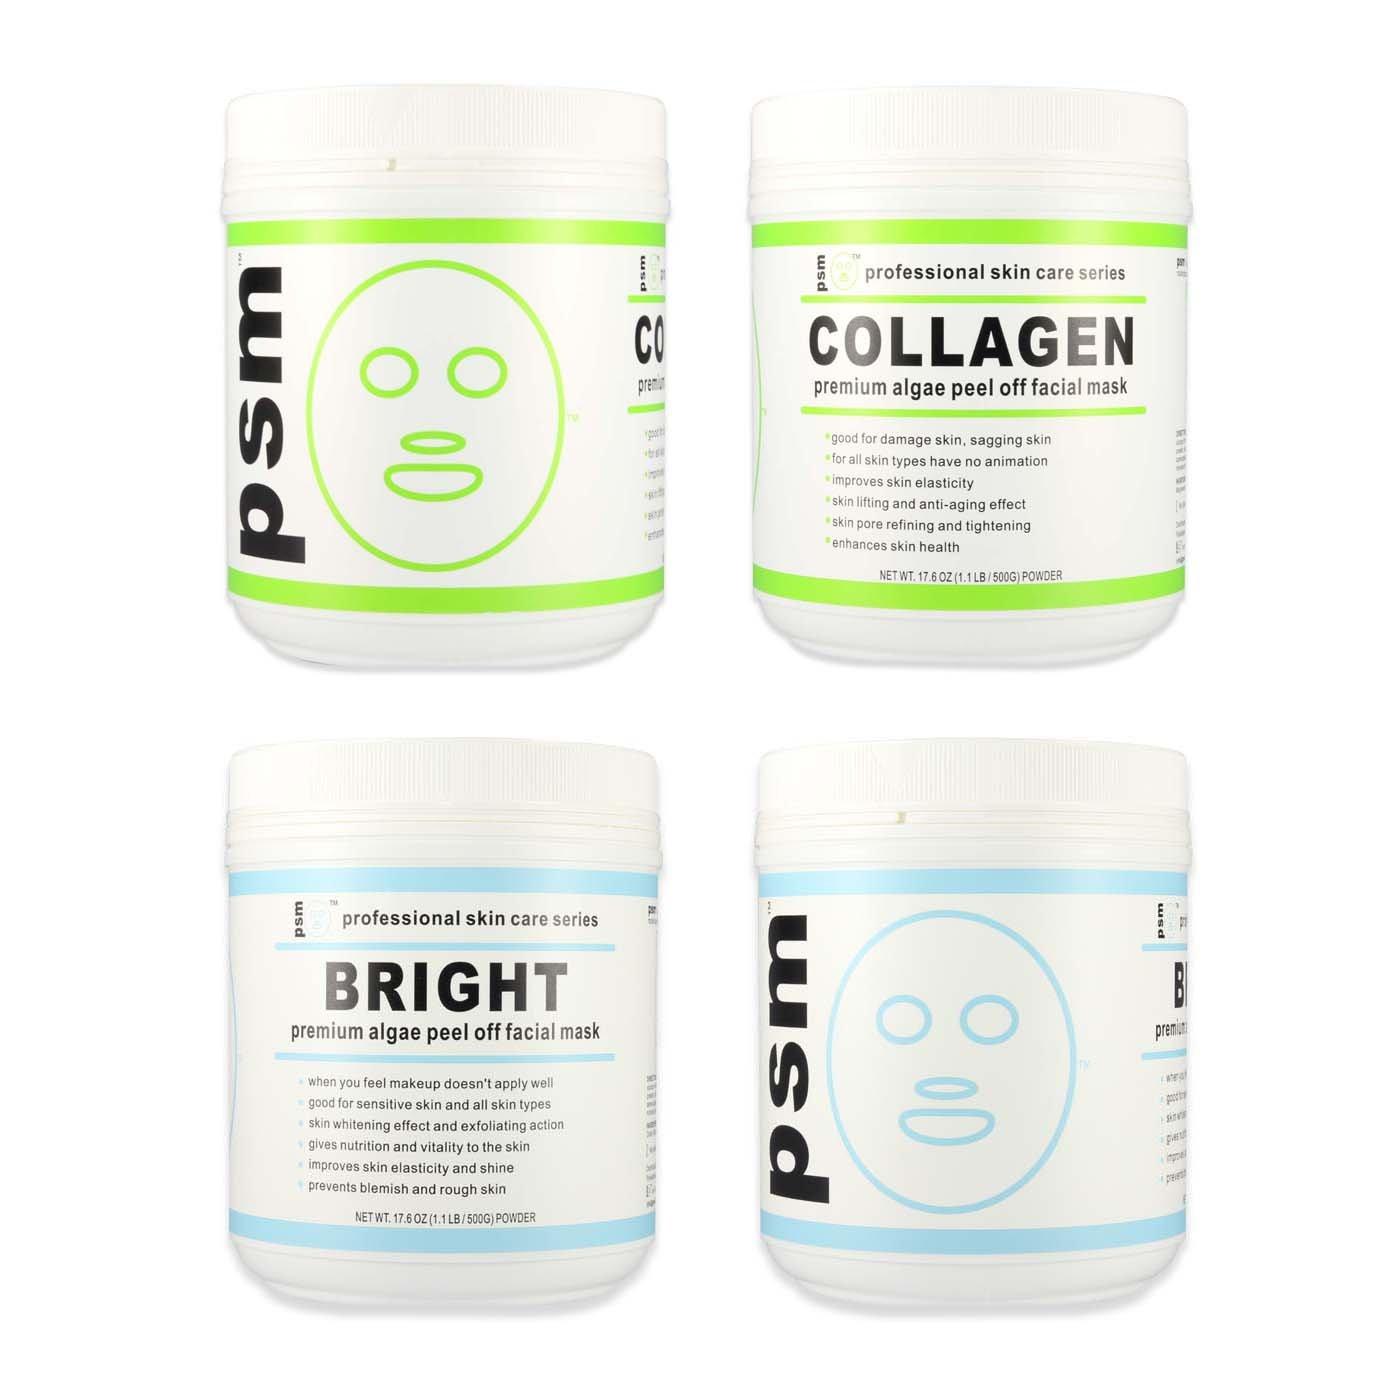 Set of 4 2 COLLAGEN BRIGHT 美品 Facia Peel Algae Off Premium スピード対応 全国送料無料 psm